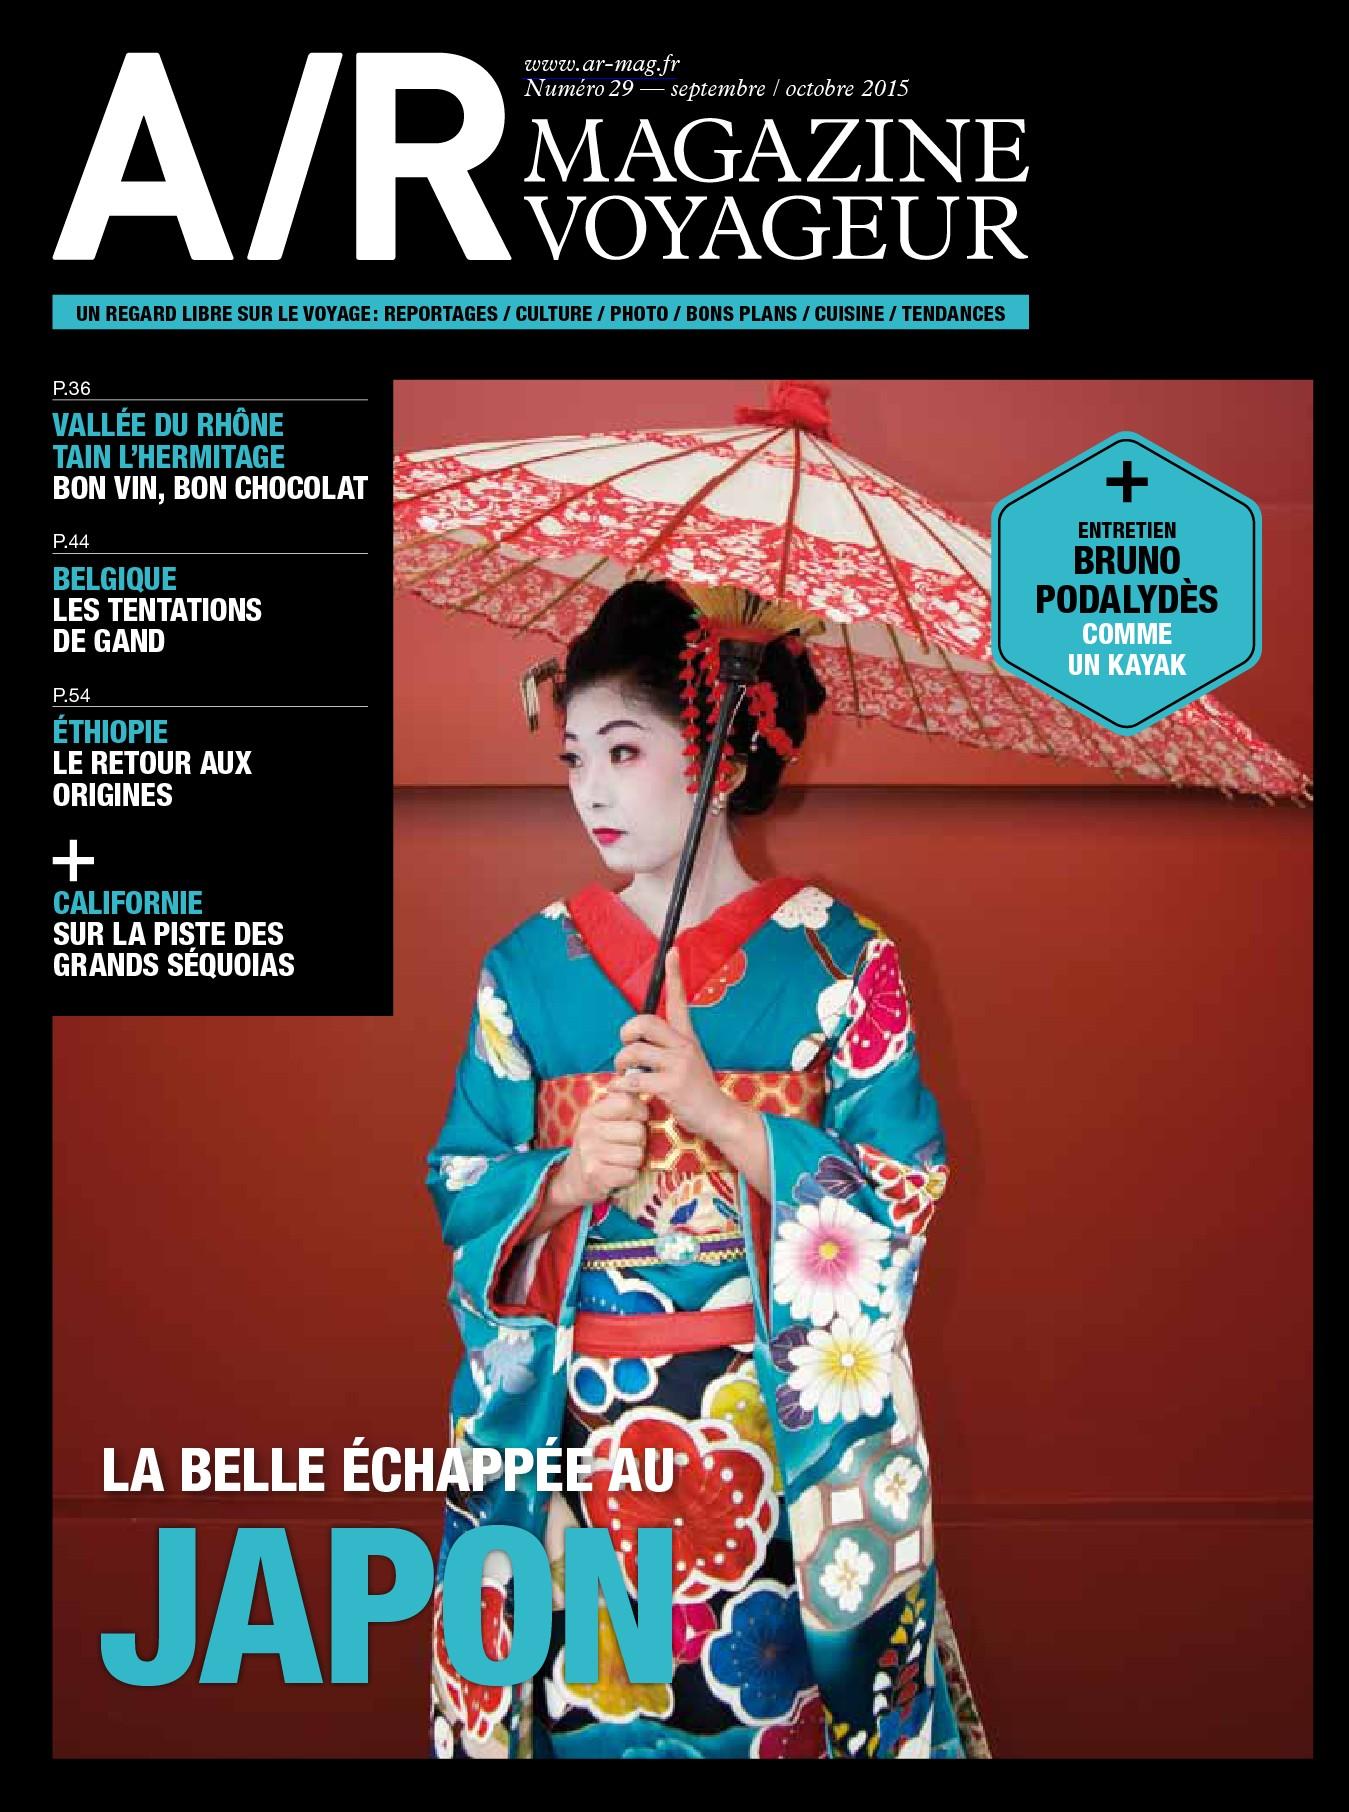 A/R Magazine Voyageur N°29 – Septembre-Octobre 2015